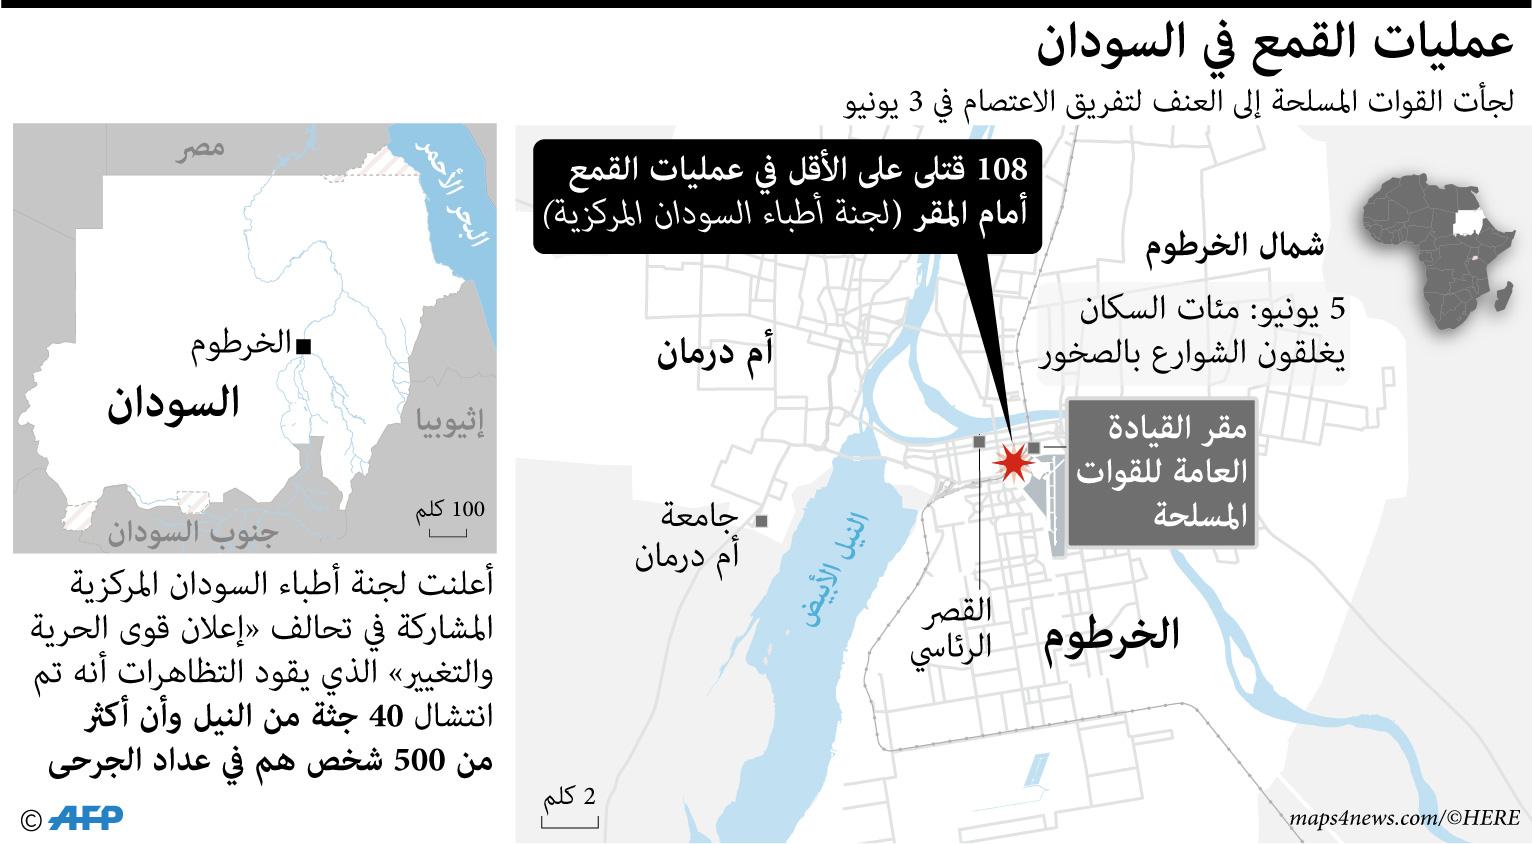 فض مسلحون في ملابس عسكرية اعتصاما لآلاف المحتجين أمام مقر قيادة الجيش في الخرطوم في 3 يونيو